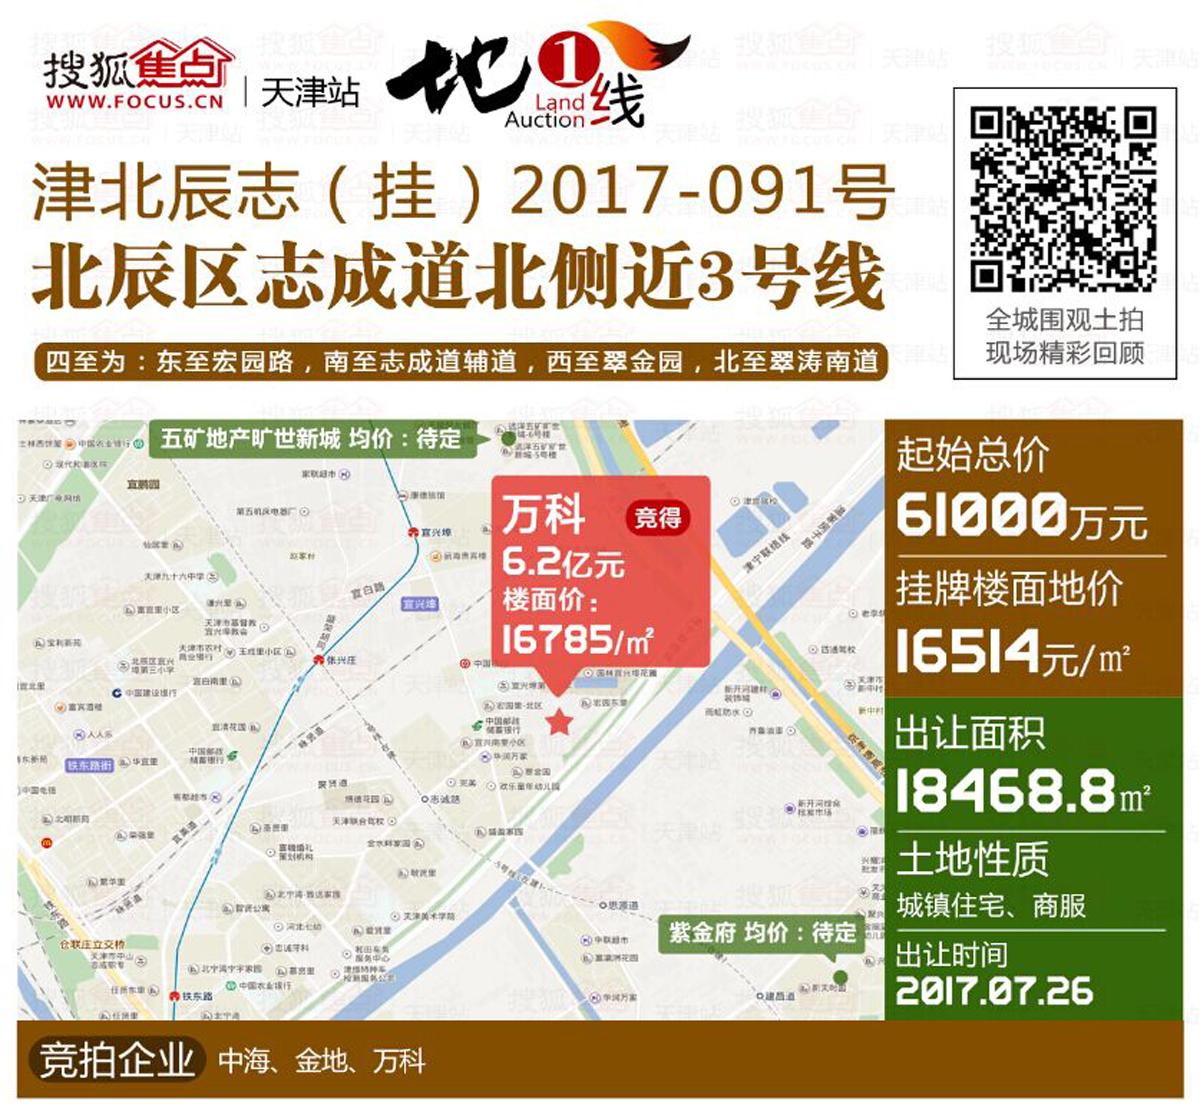 津近期5大新项目案名曝光 志成道某盘预6月首开